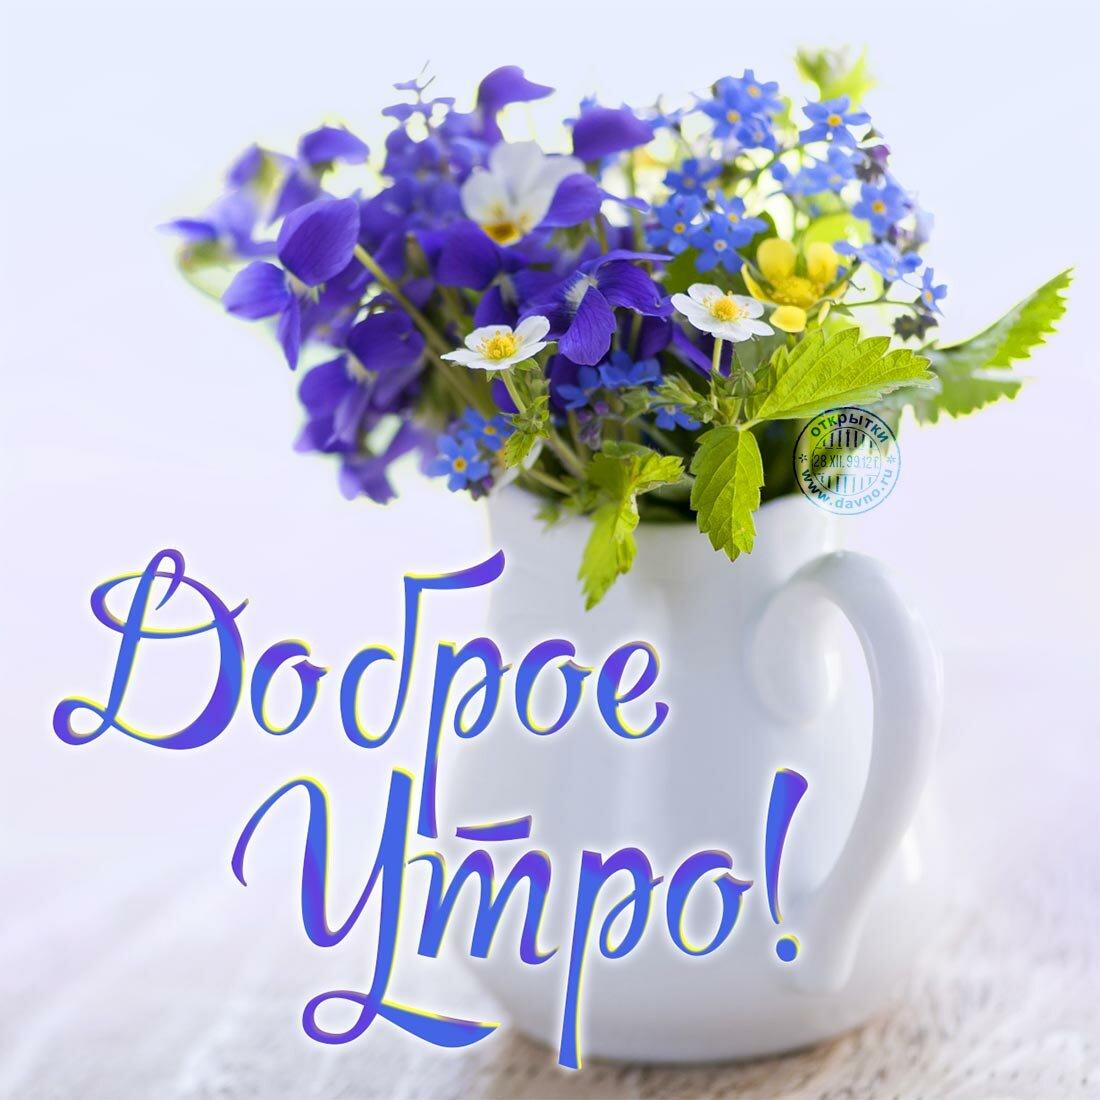 https://avatars.mds.yandex.net/get-pdb/1478550/bb8ac1d1-8018-4f18-b1da-6503479fea0b/s1200